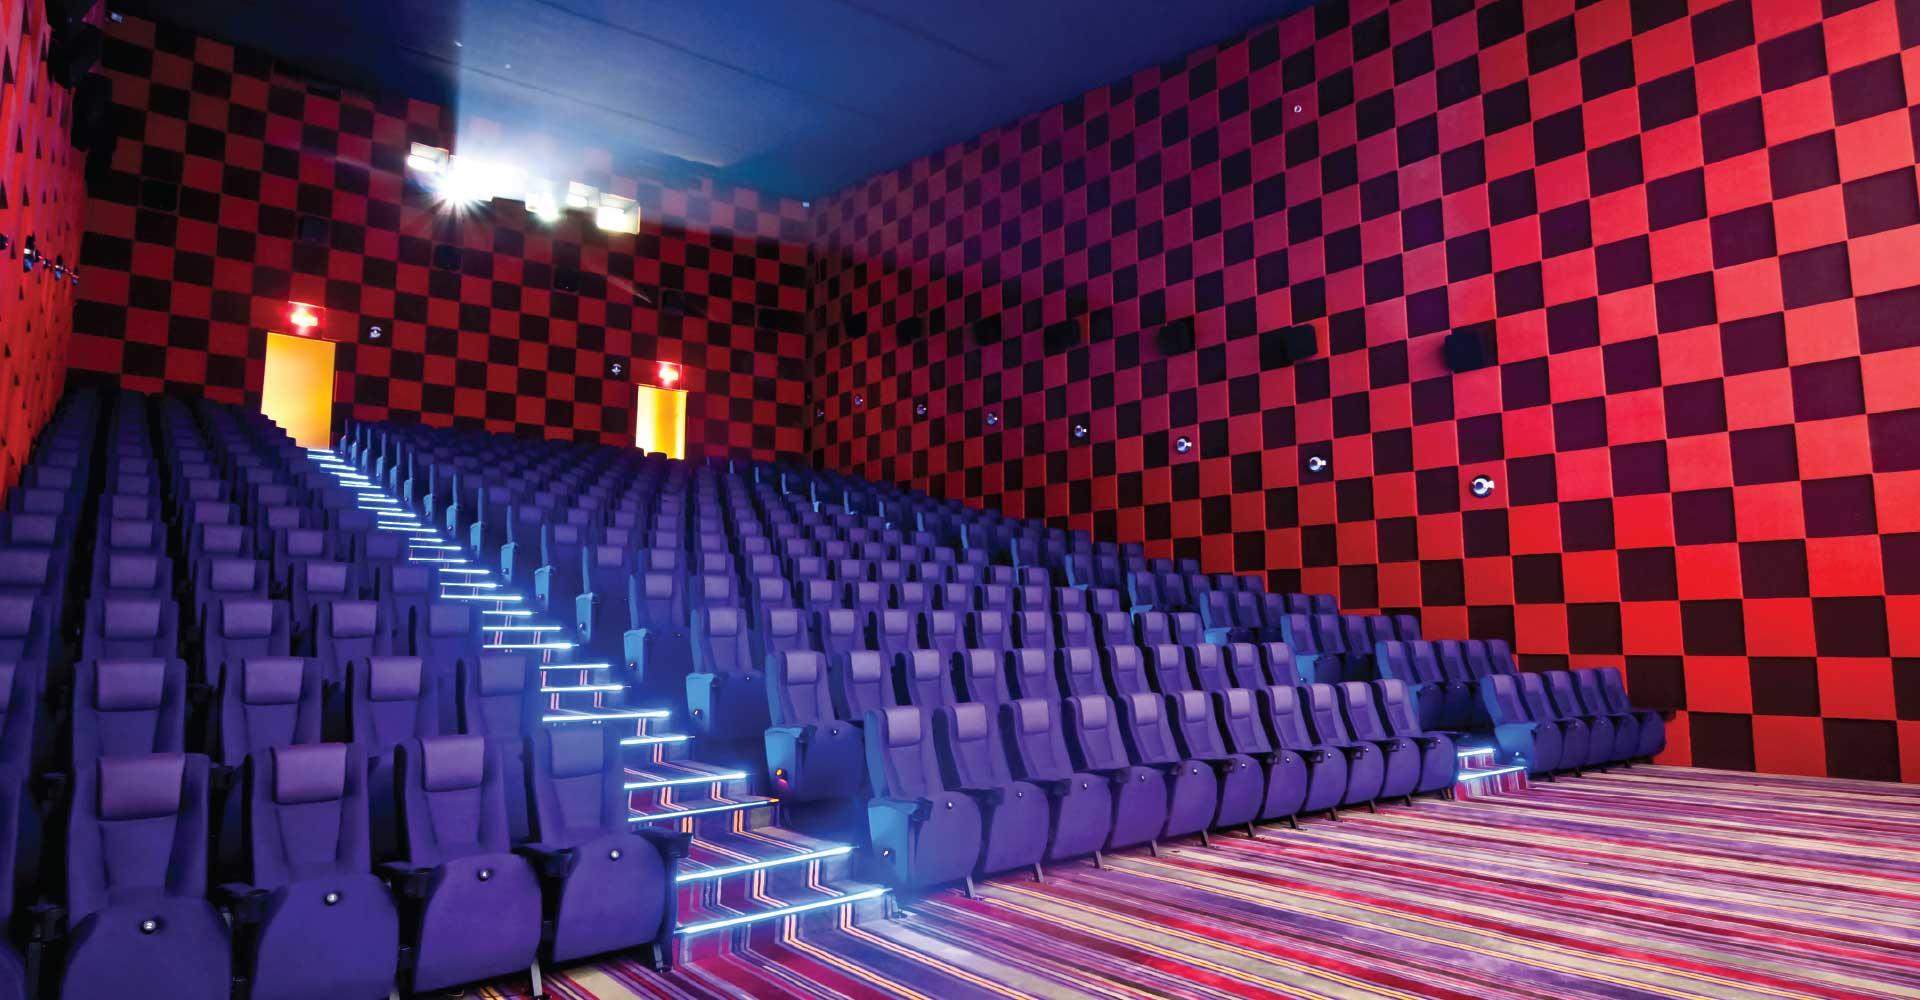 Hệ thống 7 rạp chiếu phim lớn nhất Quận Thủ Đức